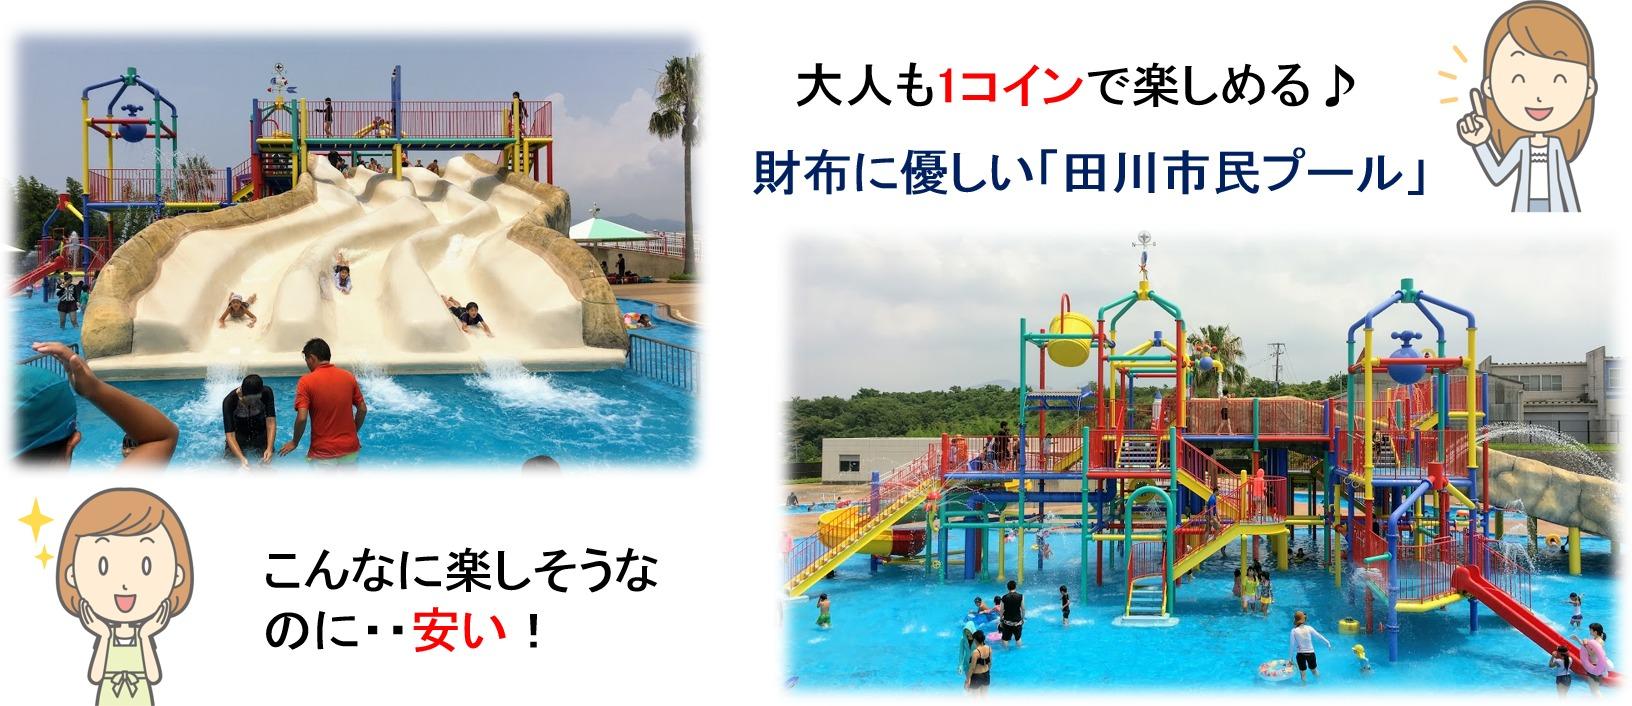 田川市民プールの魅力図